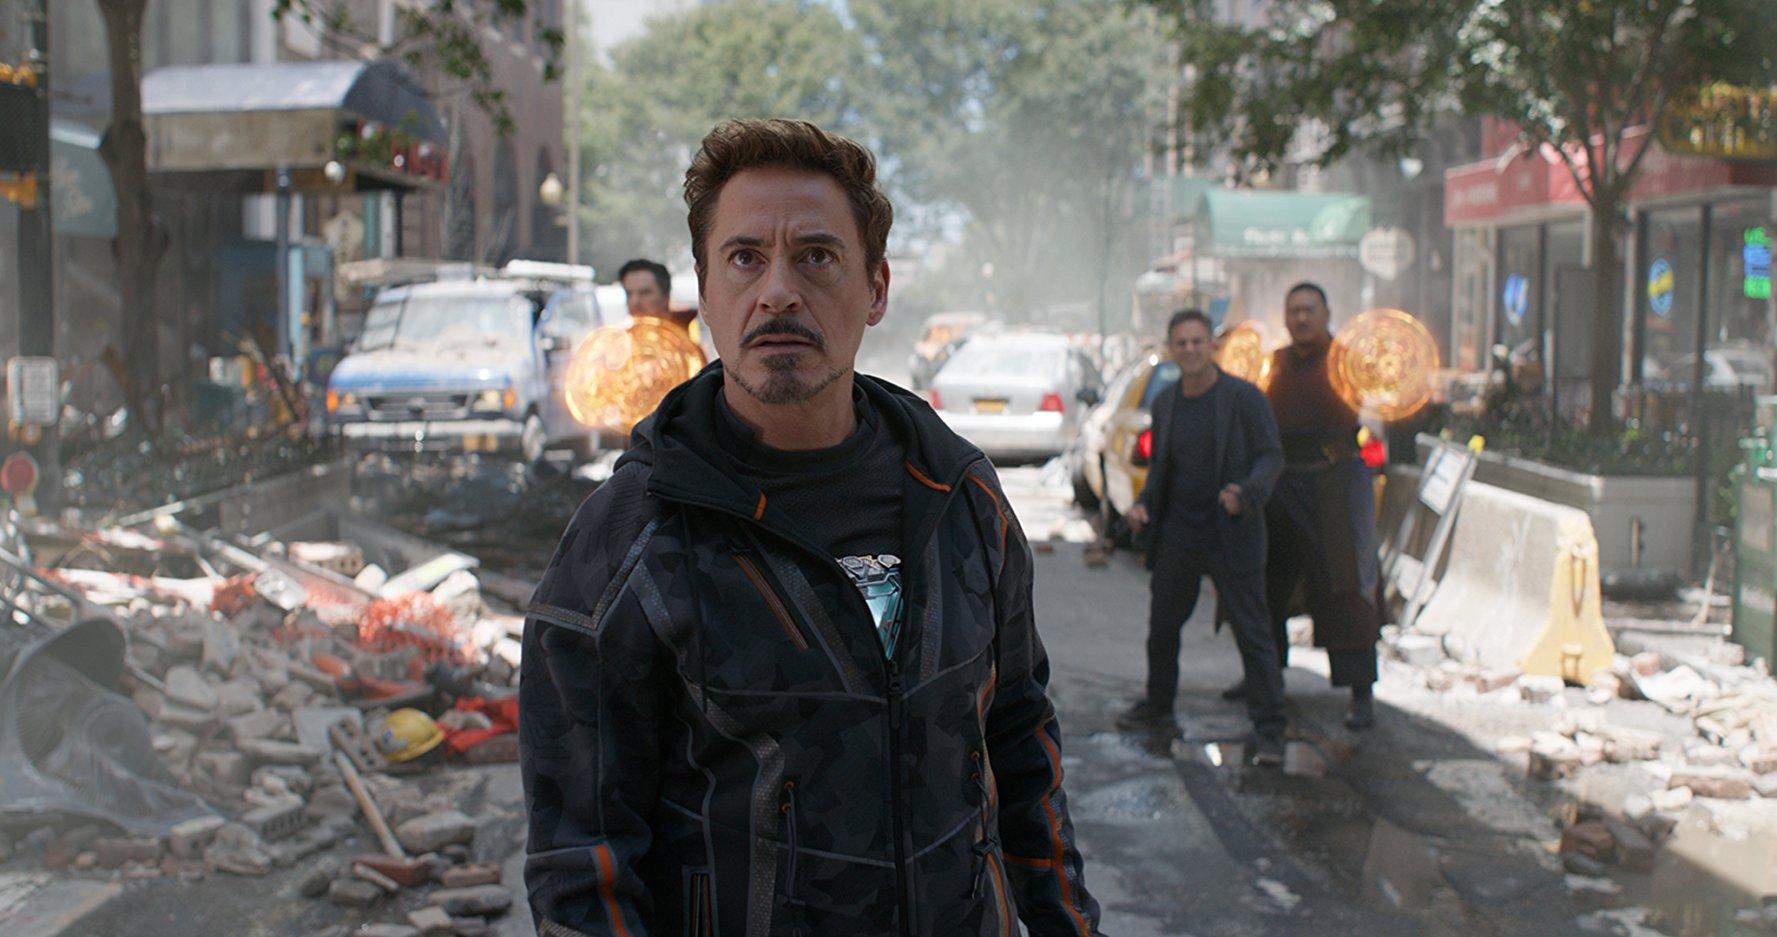 어벤져스 인피니티 워 Avengers: Infinity War / 로버트 다우니 주니어 Robert Downey Jr.